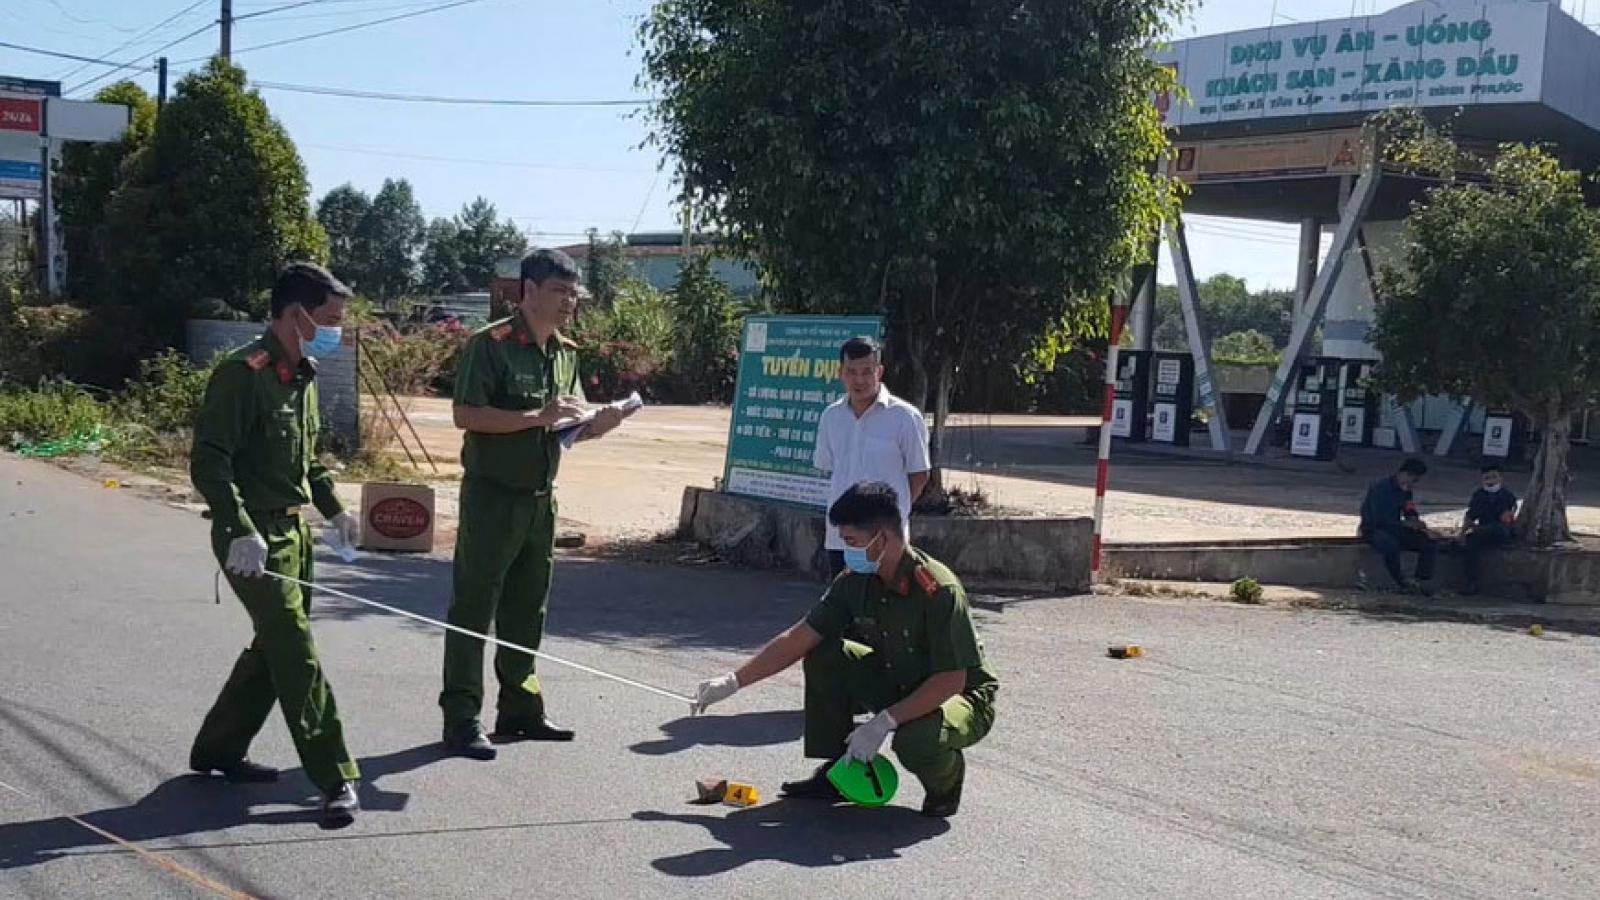 Giải quyết mâu thuẫn bằng súng khiến 3 người thương vong ở Bình Phước